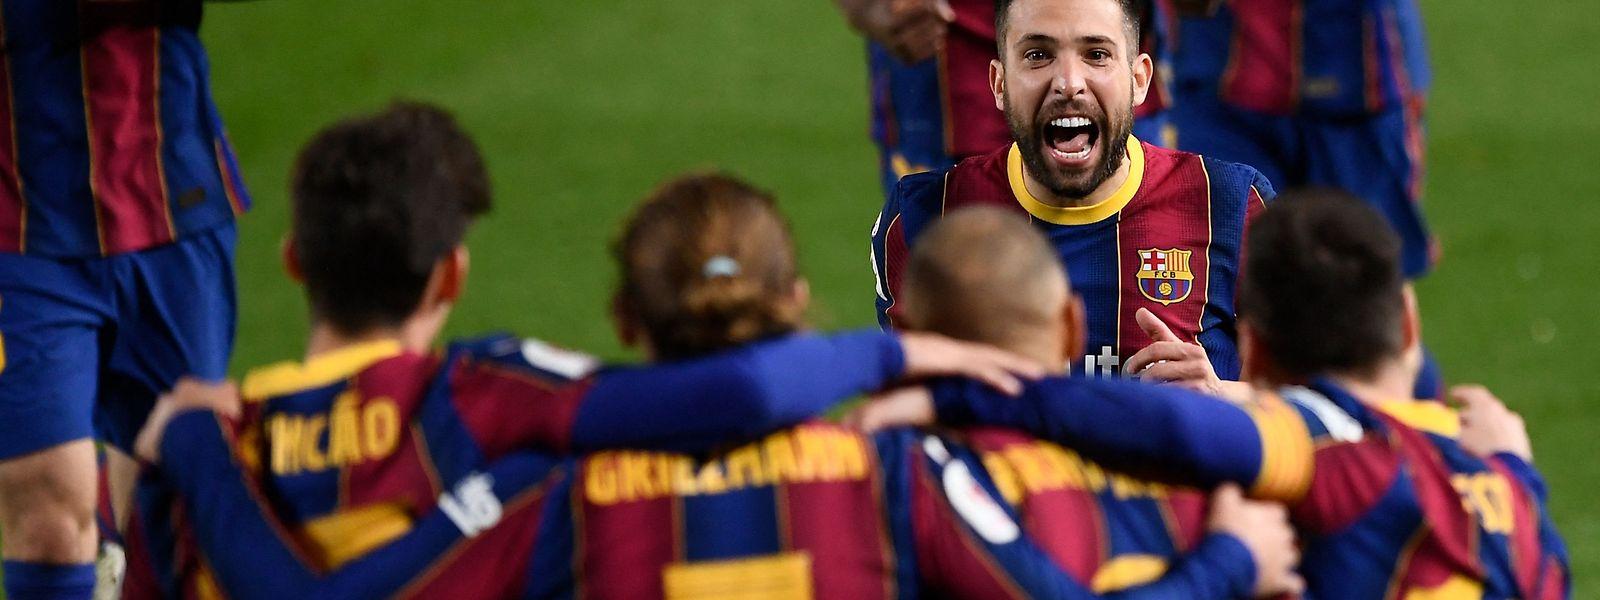 Die Spieler des FC Barcelona bejubeln den Treffer zum 3:0.